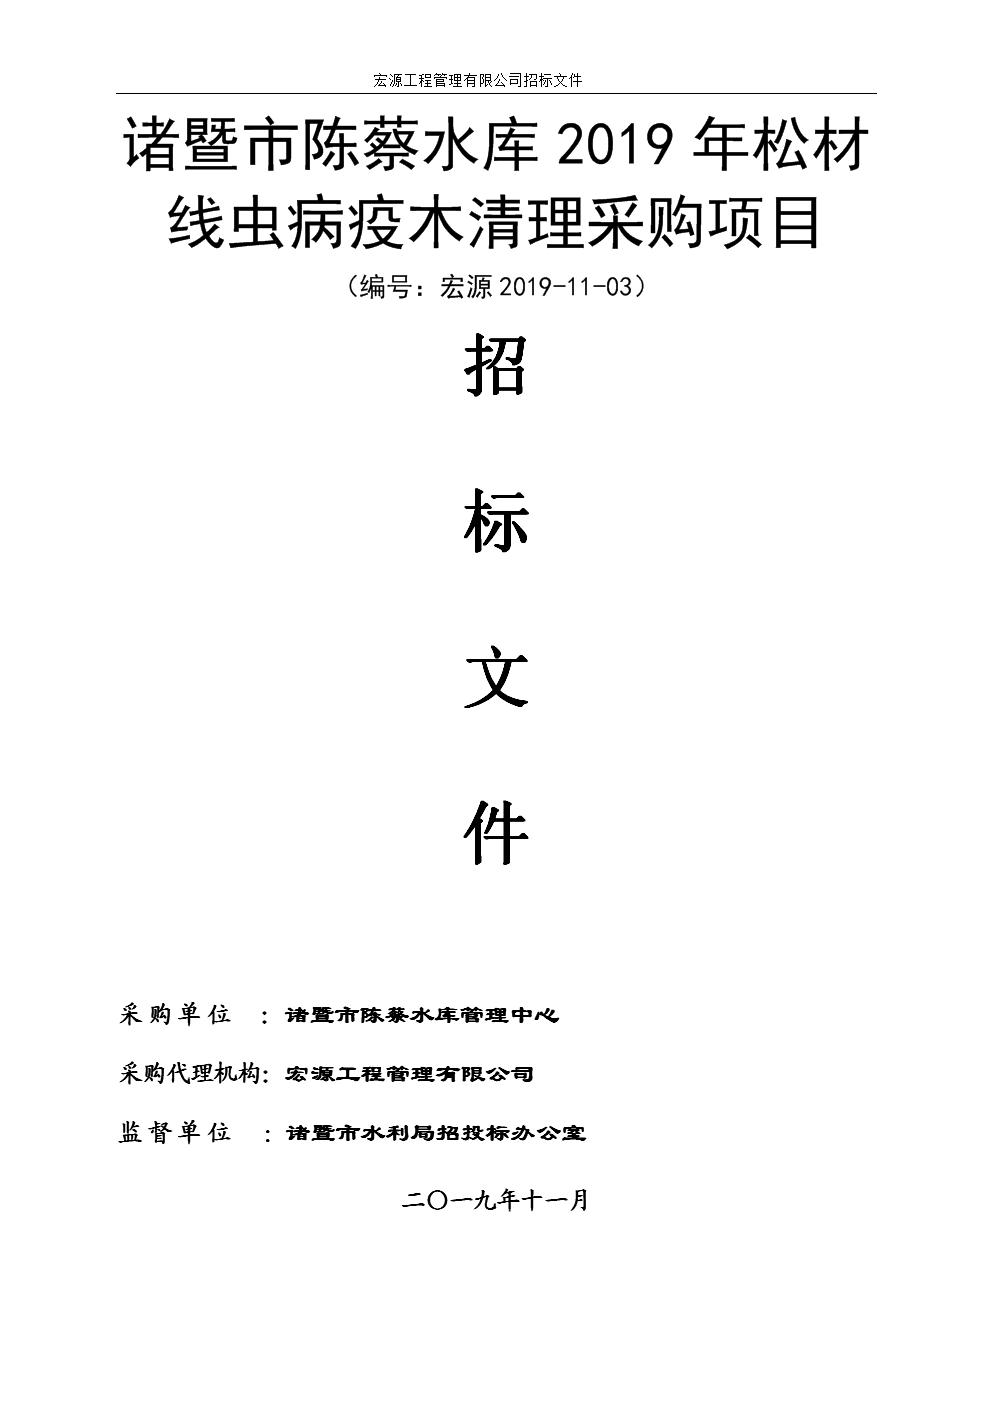 诸暨市陈蔡水库2019年松材线虫病疫木清理采购项目招标文件.doc